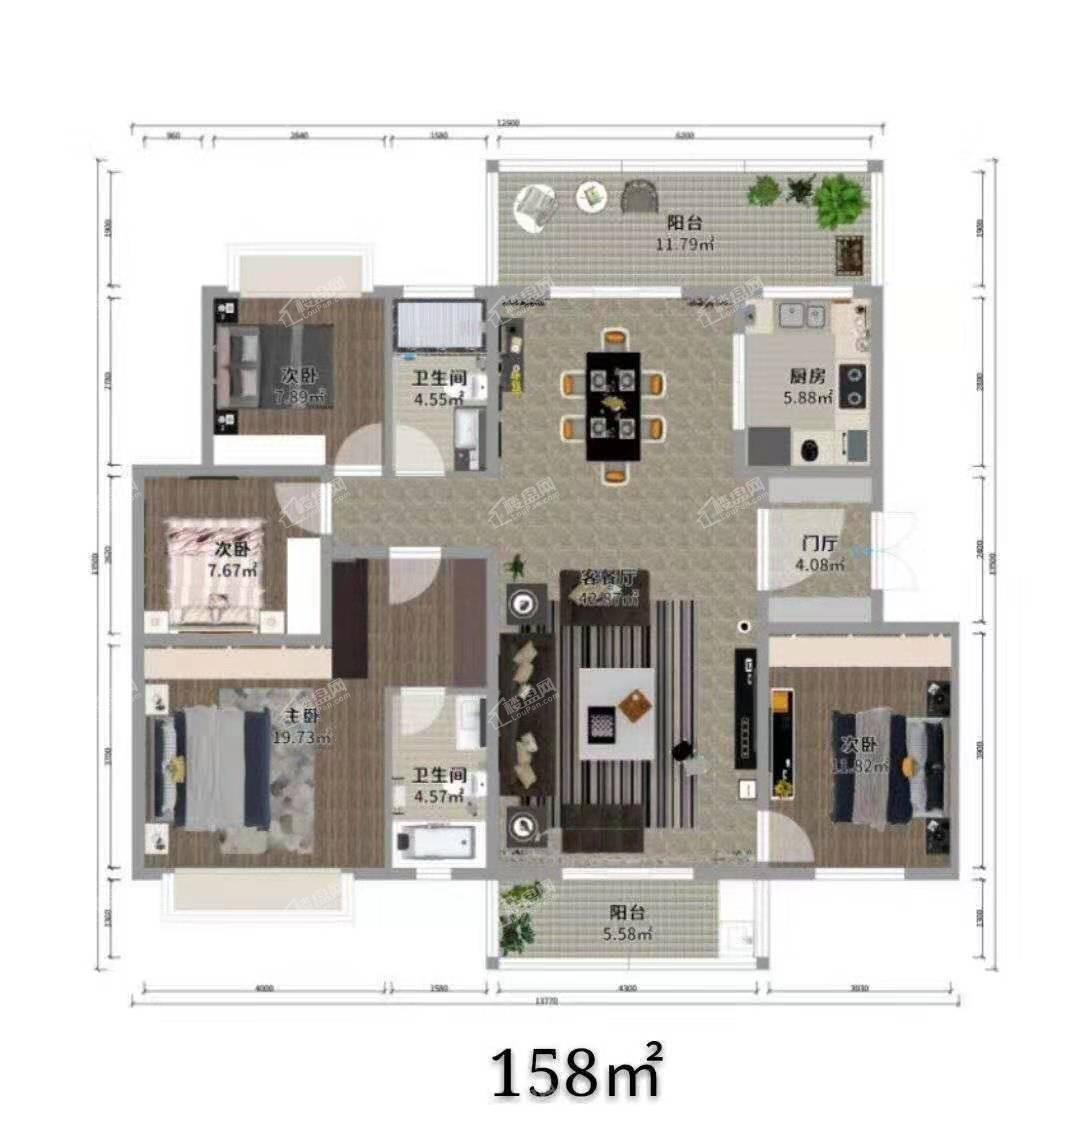 沾益印象五期六期住宅户型图3